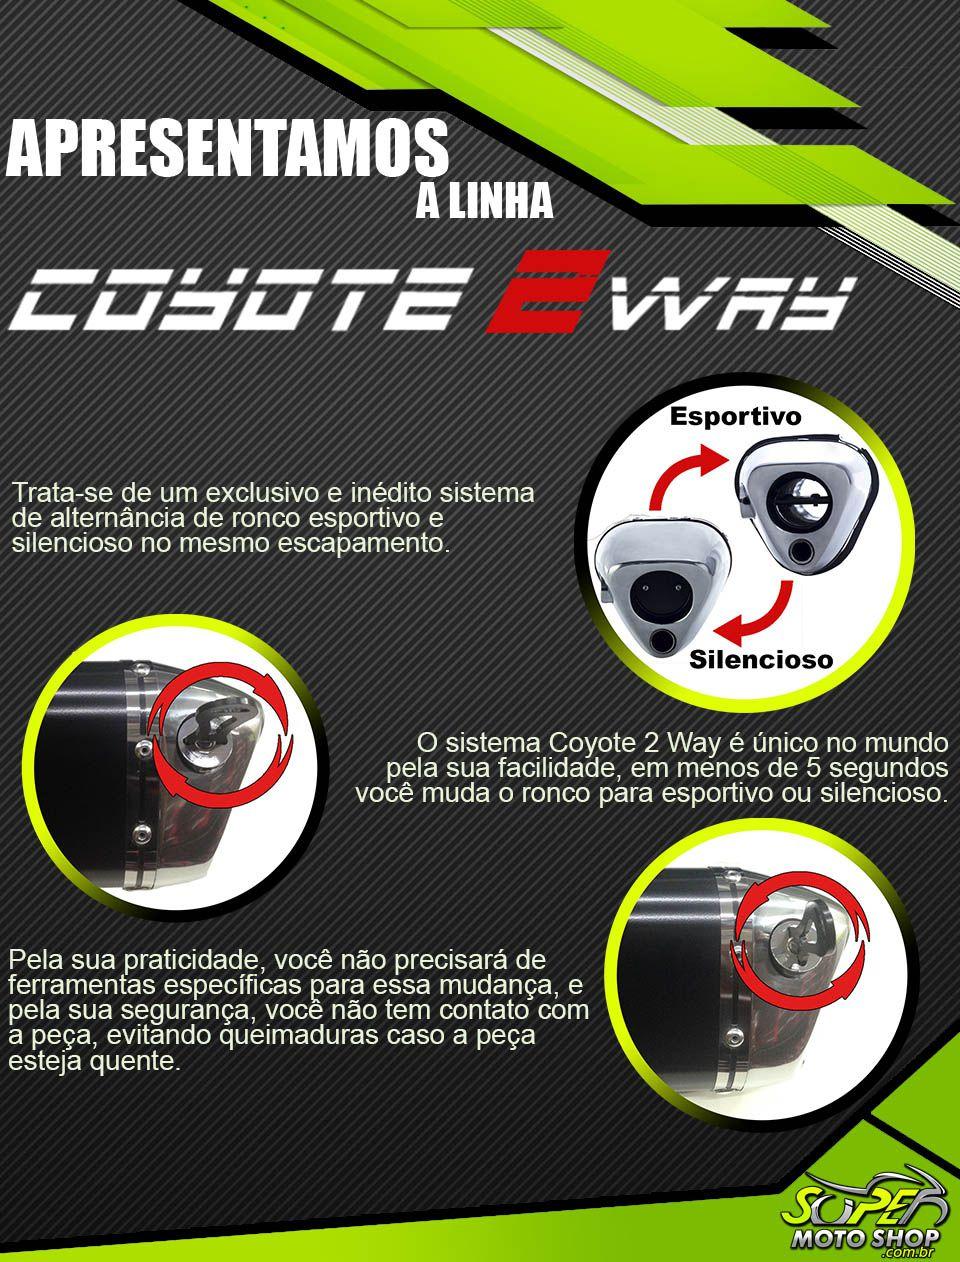 Escape / Ponteira Coyote TRS 2 WAY Alumínio - CG 125 Fan 2009 até 2013 - Honda